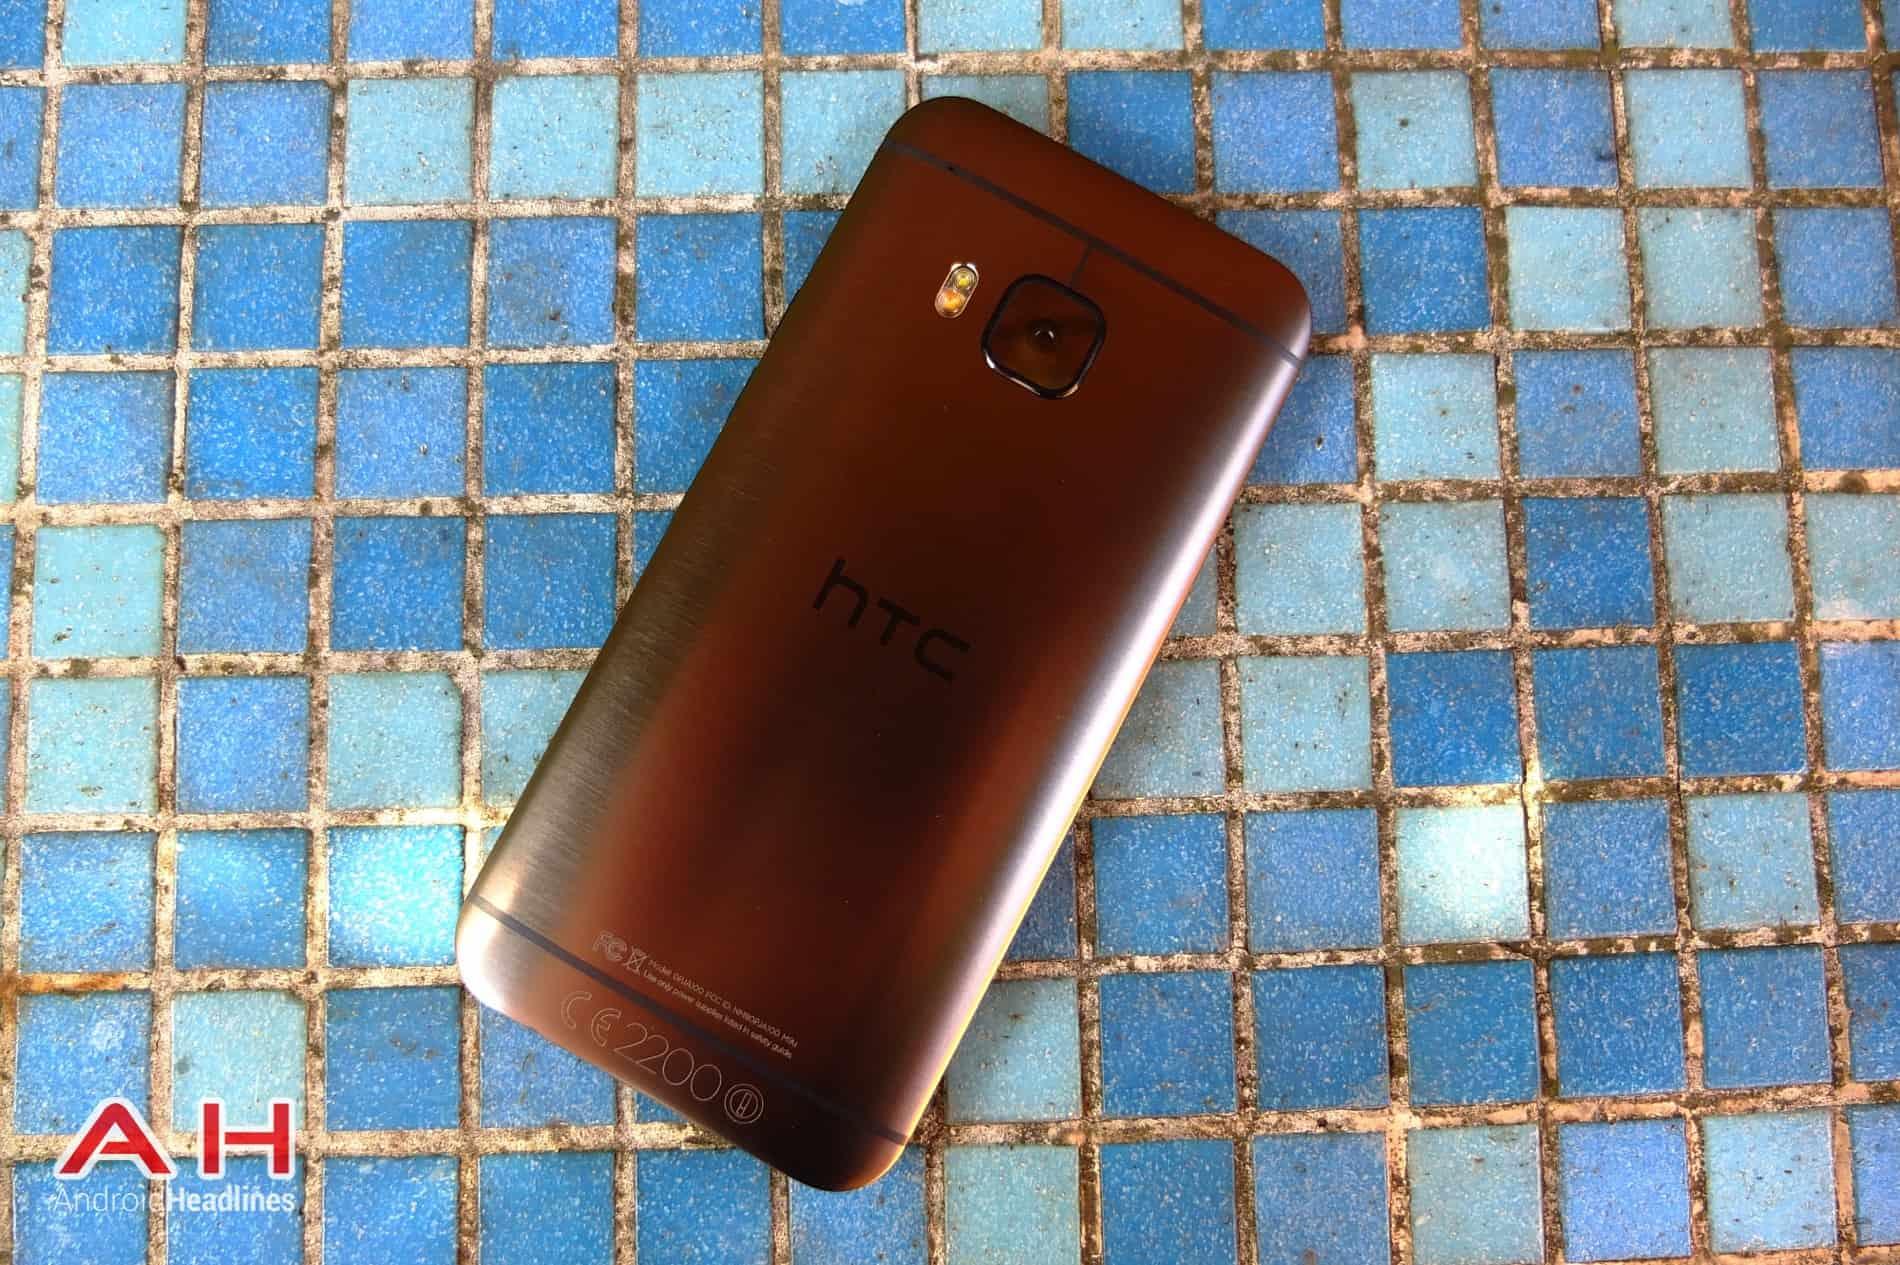 HTC One M9 TD AH 08